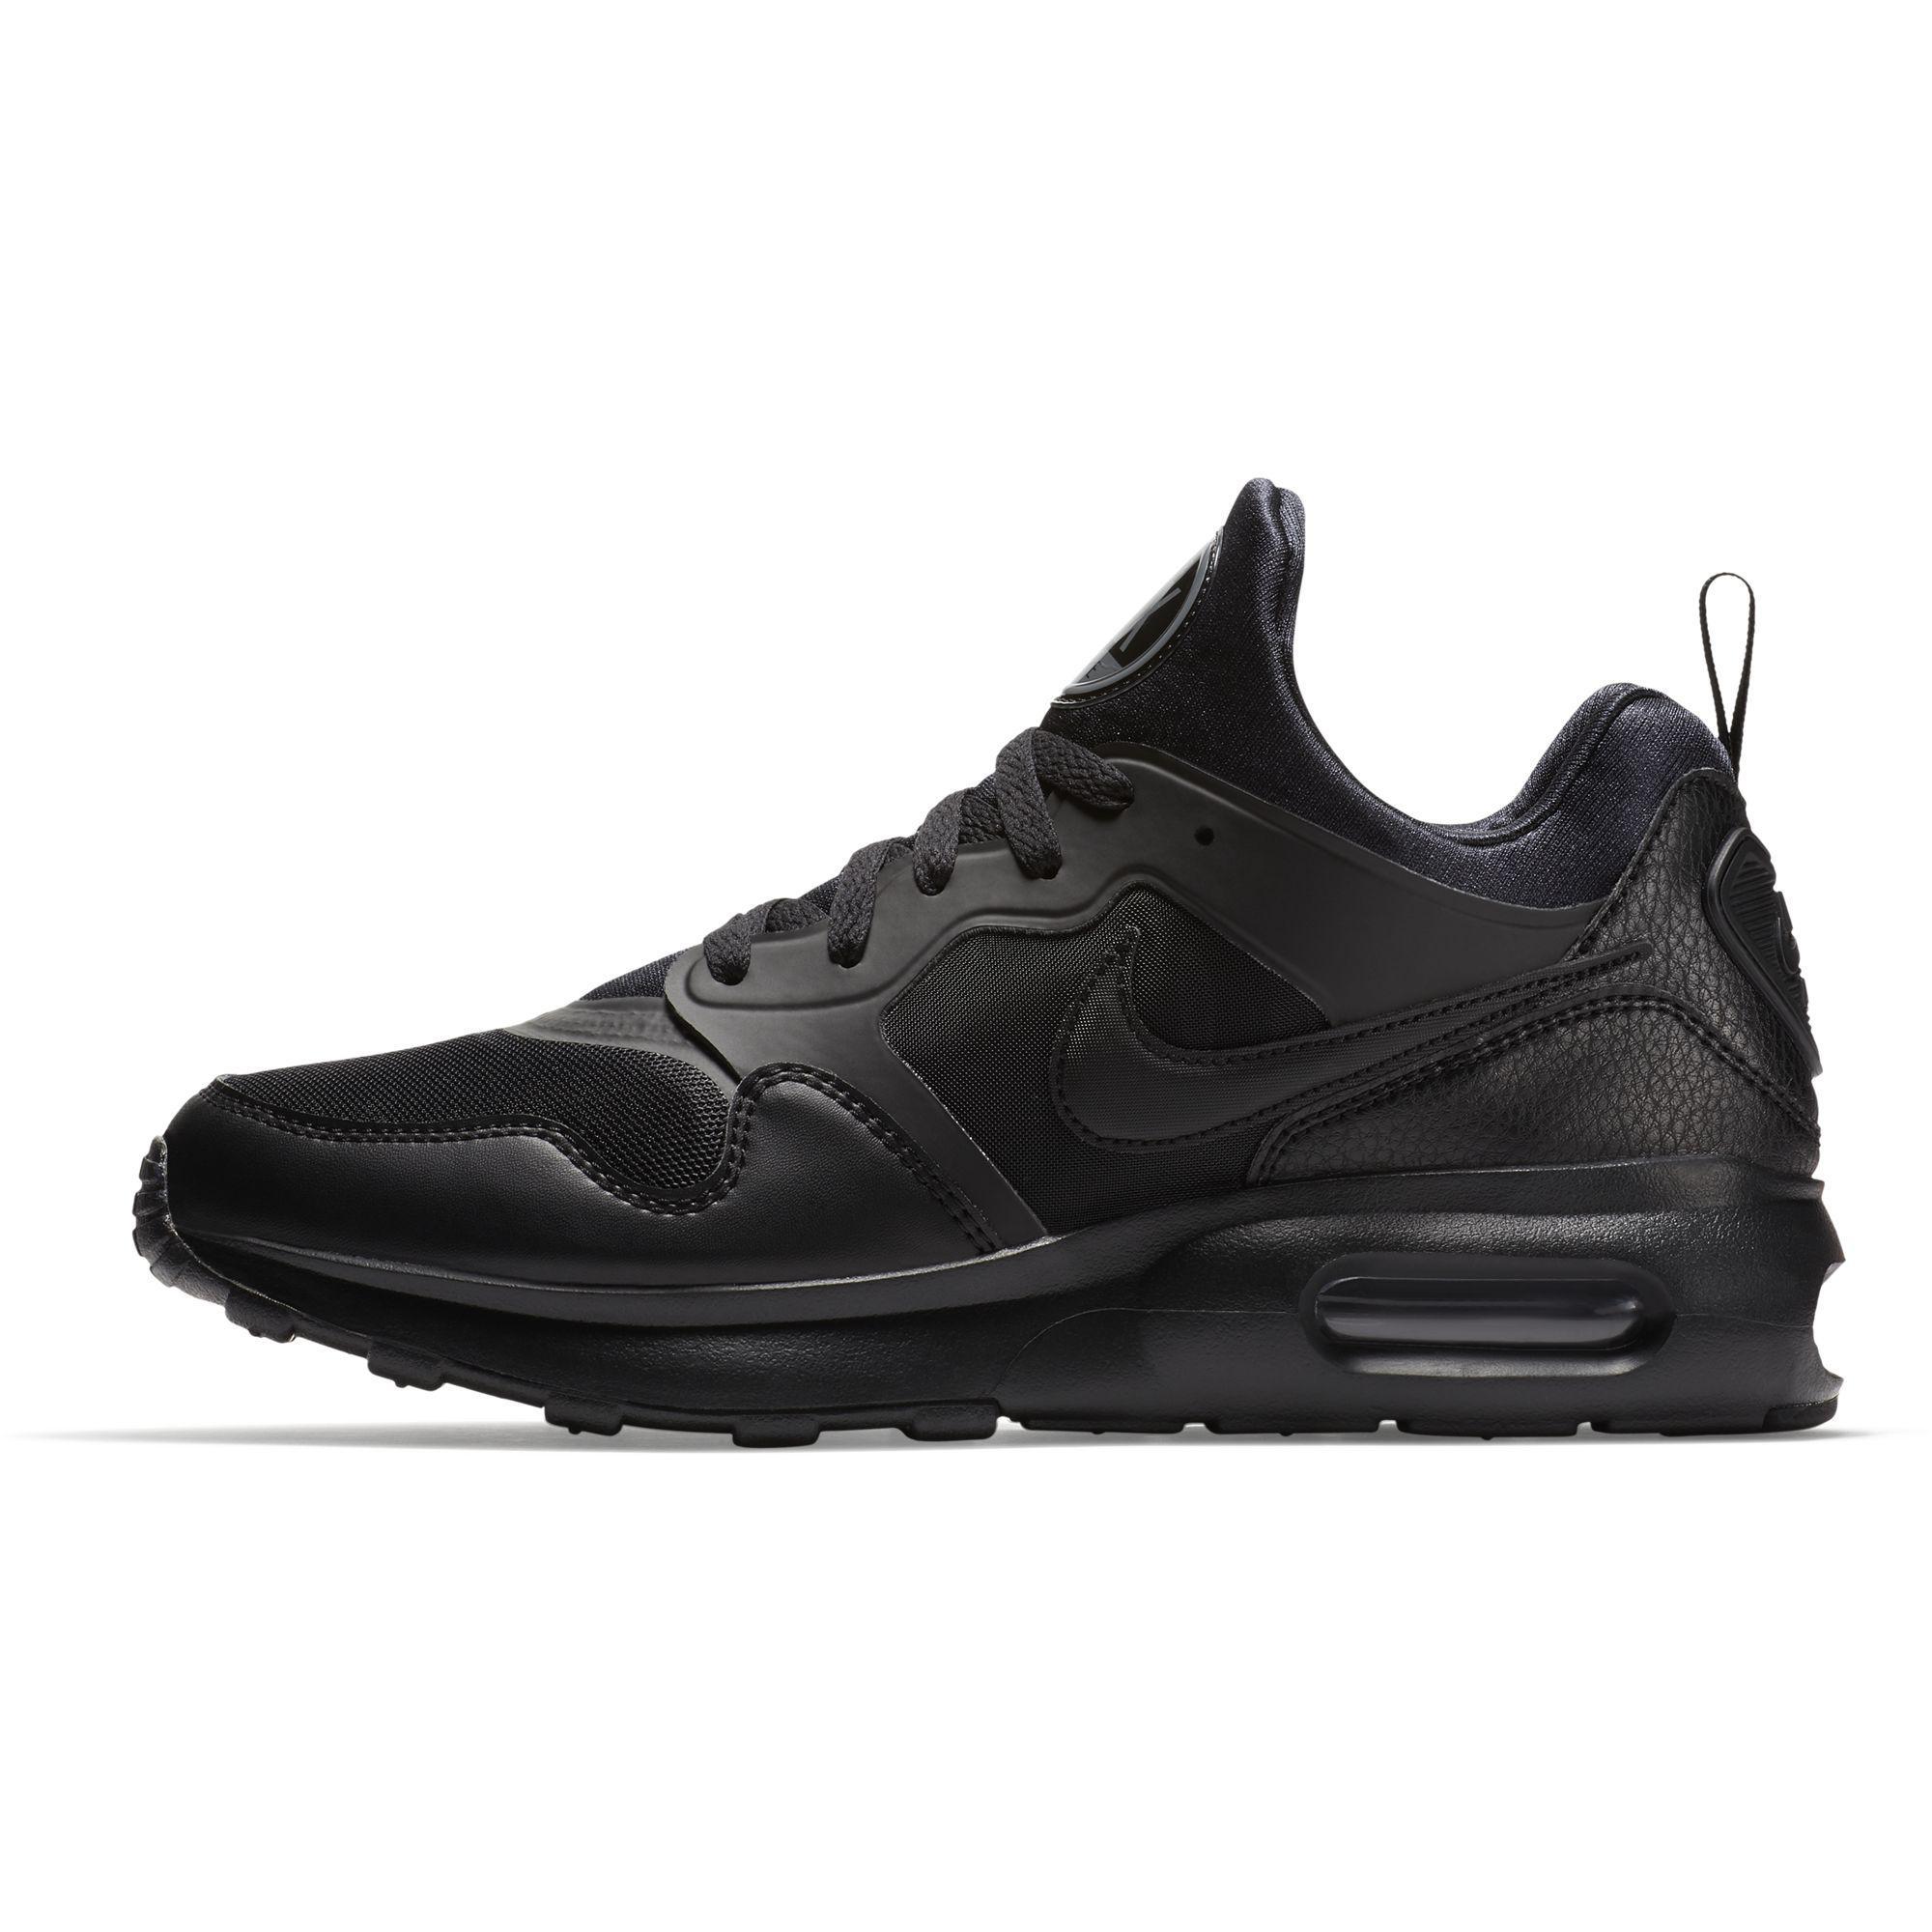 Nike Mens Air Max Prime Shoes - Black